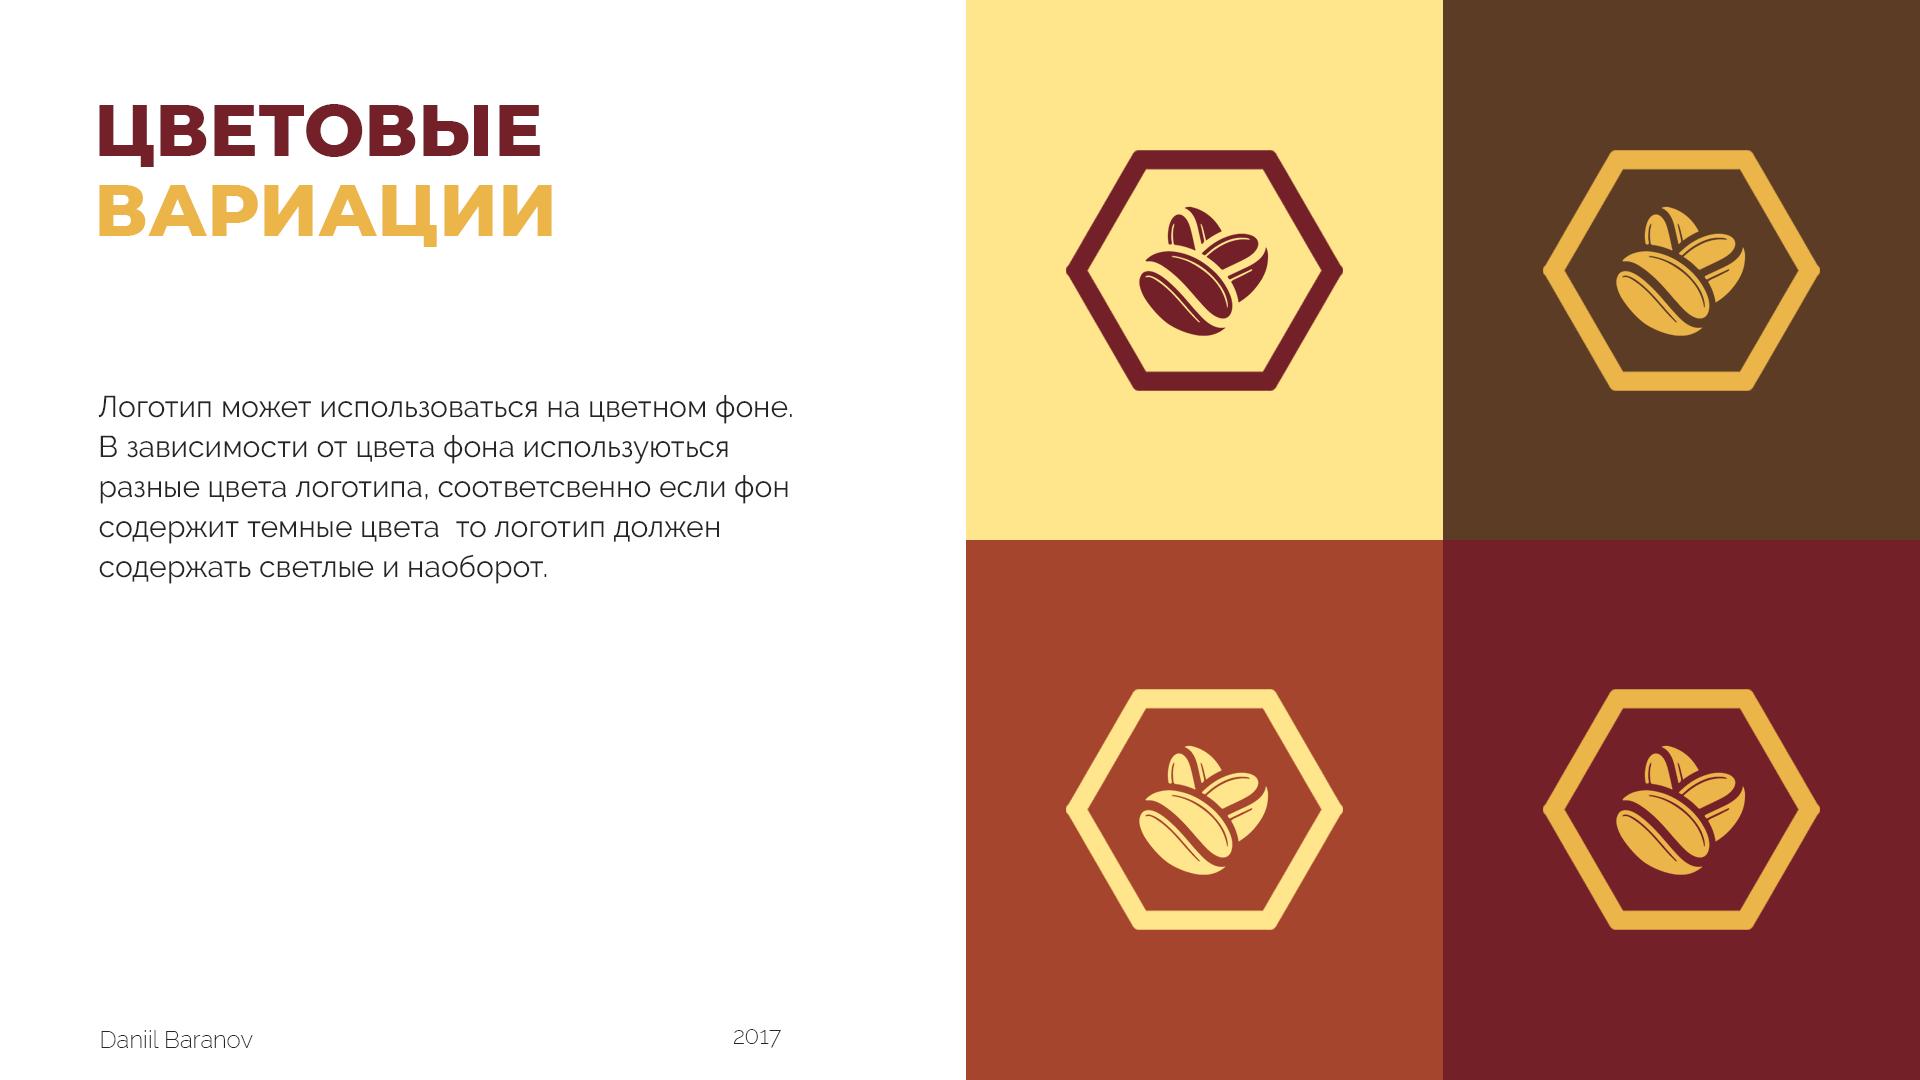 Требуется очень срочно разработать логотип кофейни! фото f_6005a0d28741f6ae.png